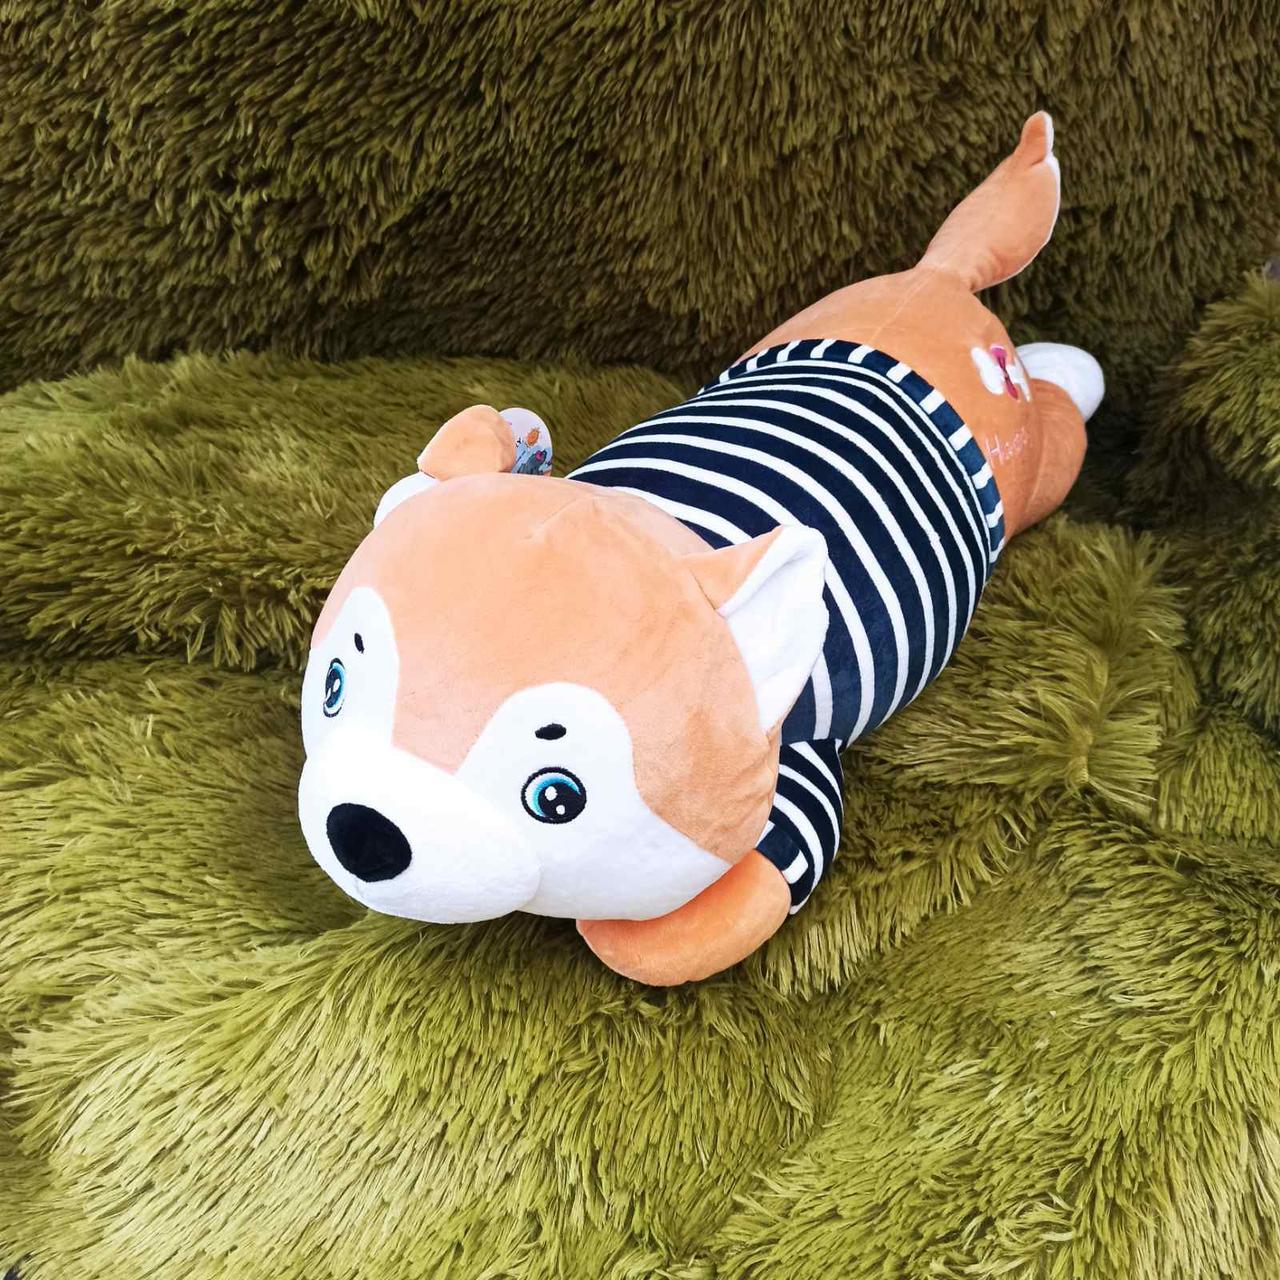 Плед іграшка подушка 3в1 Собачка | Іграшка дитячий плед | Іграшки-Подушки | М'яка іграшка Хаскі Помаранчевий